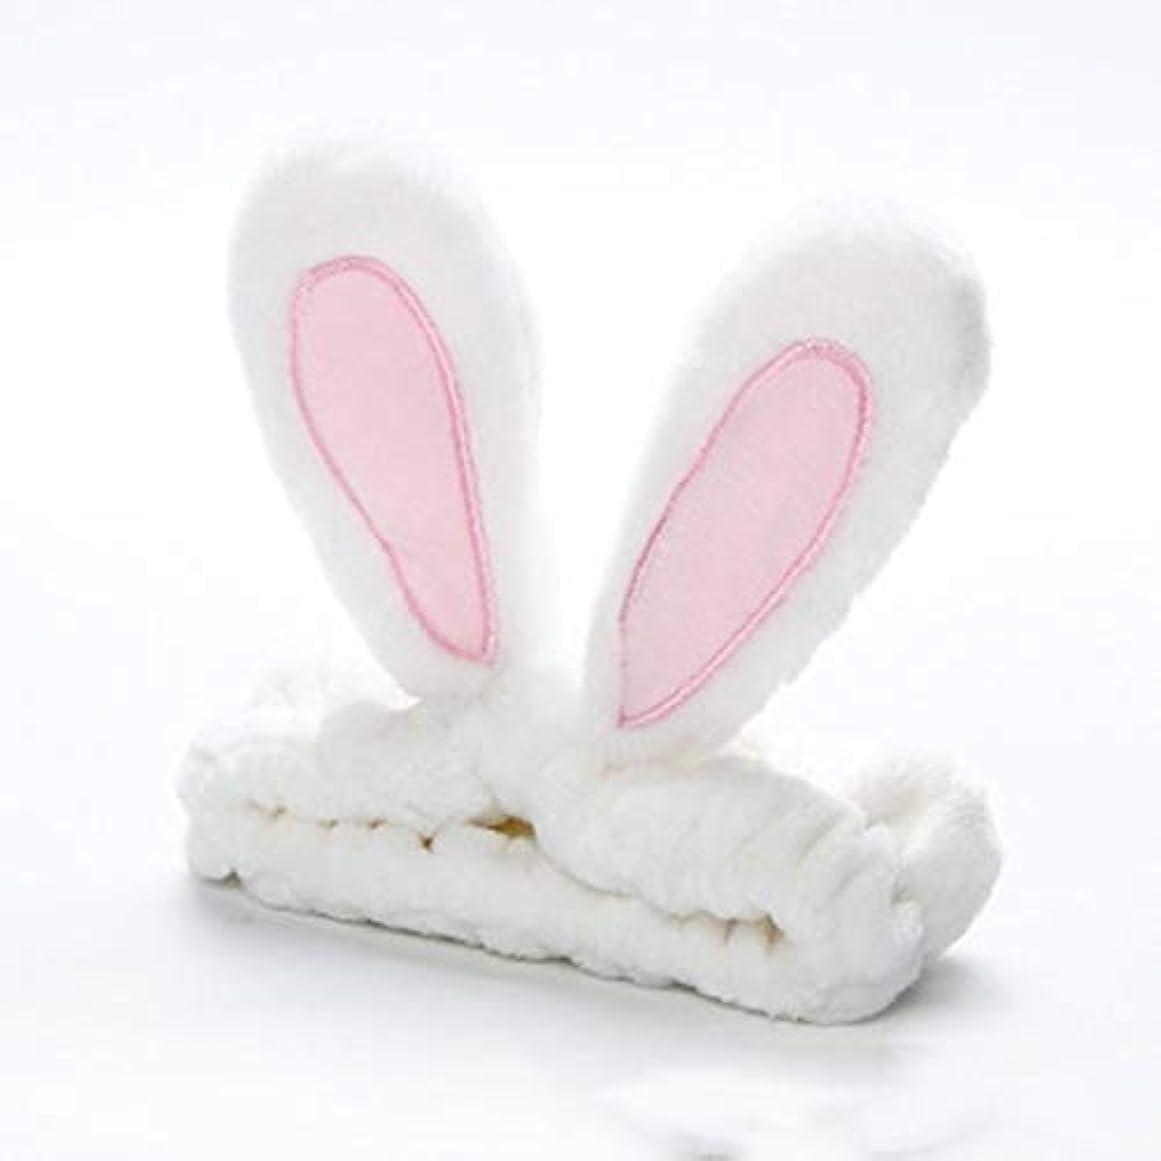 蒸気ヤギに慣れかわいいうさぎ耳帽子洗浄顔とメイクアップファッションヘッドバンド - ホワイト